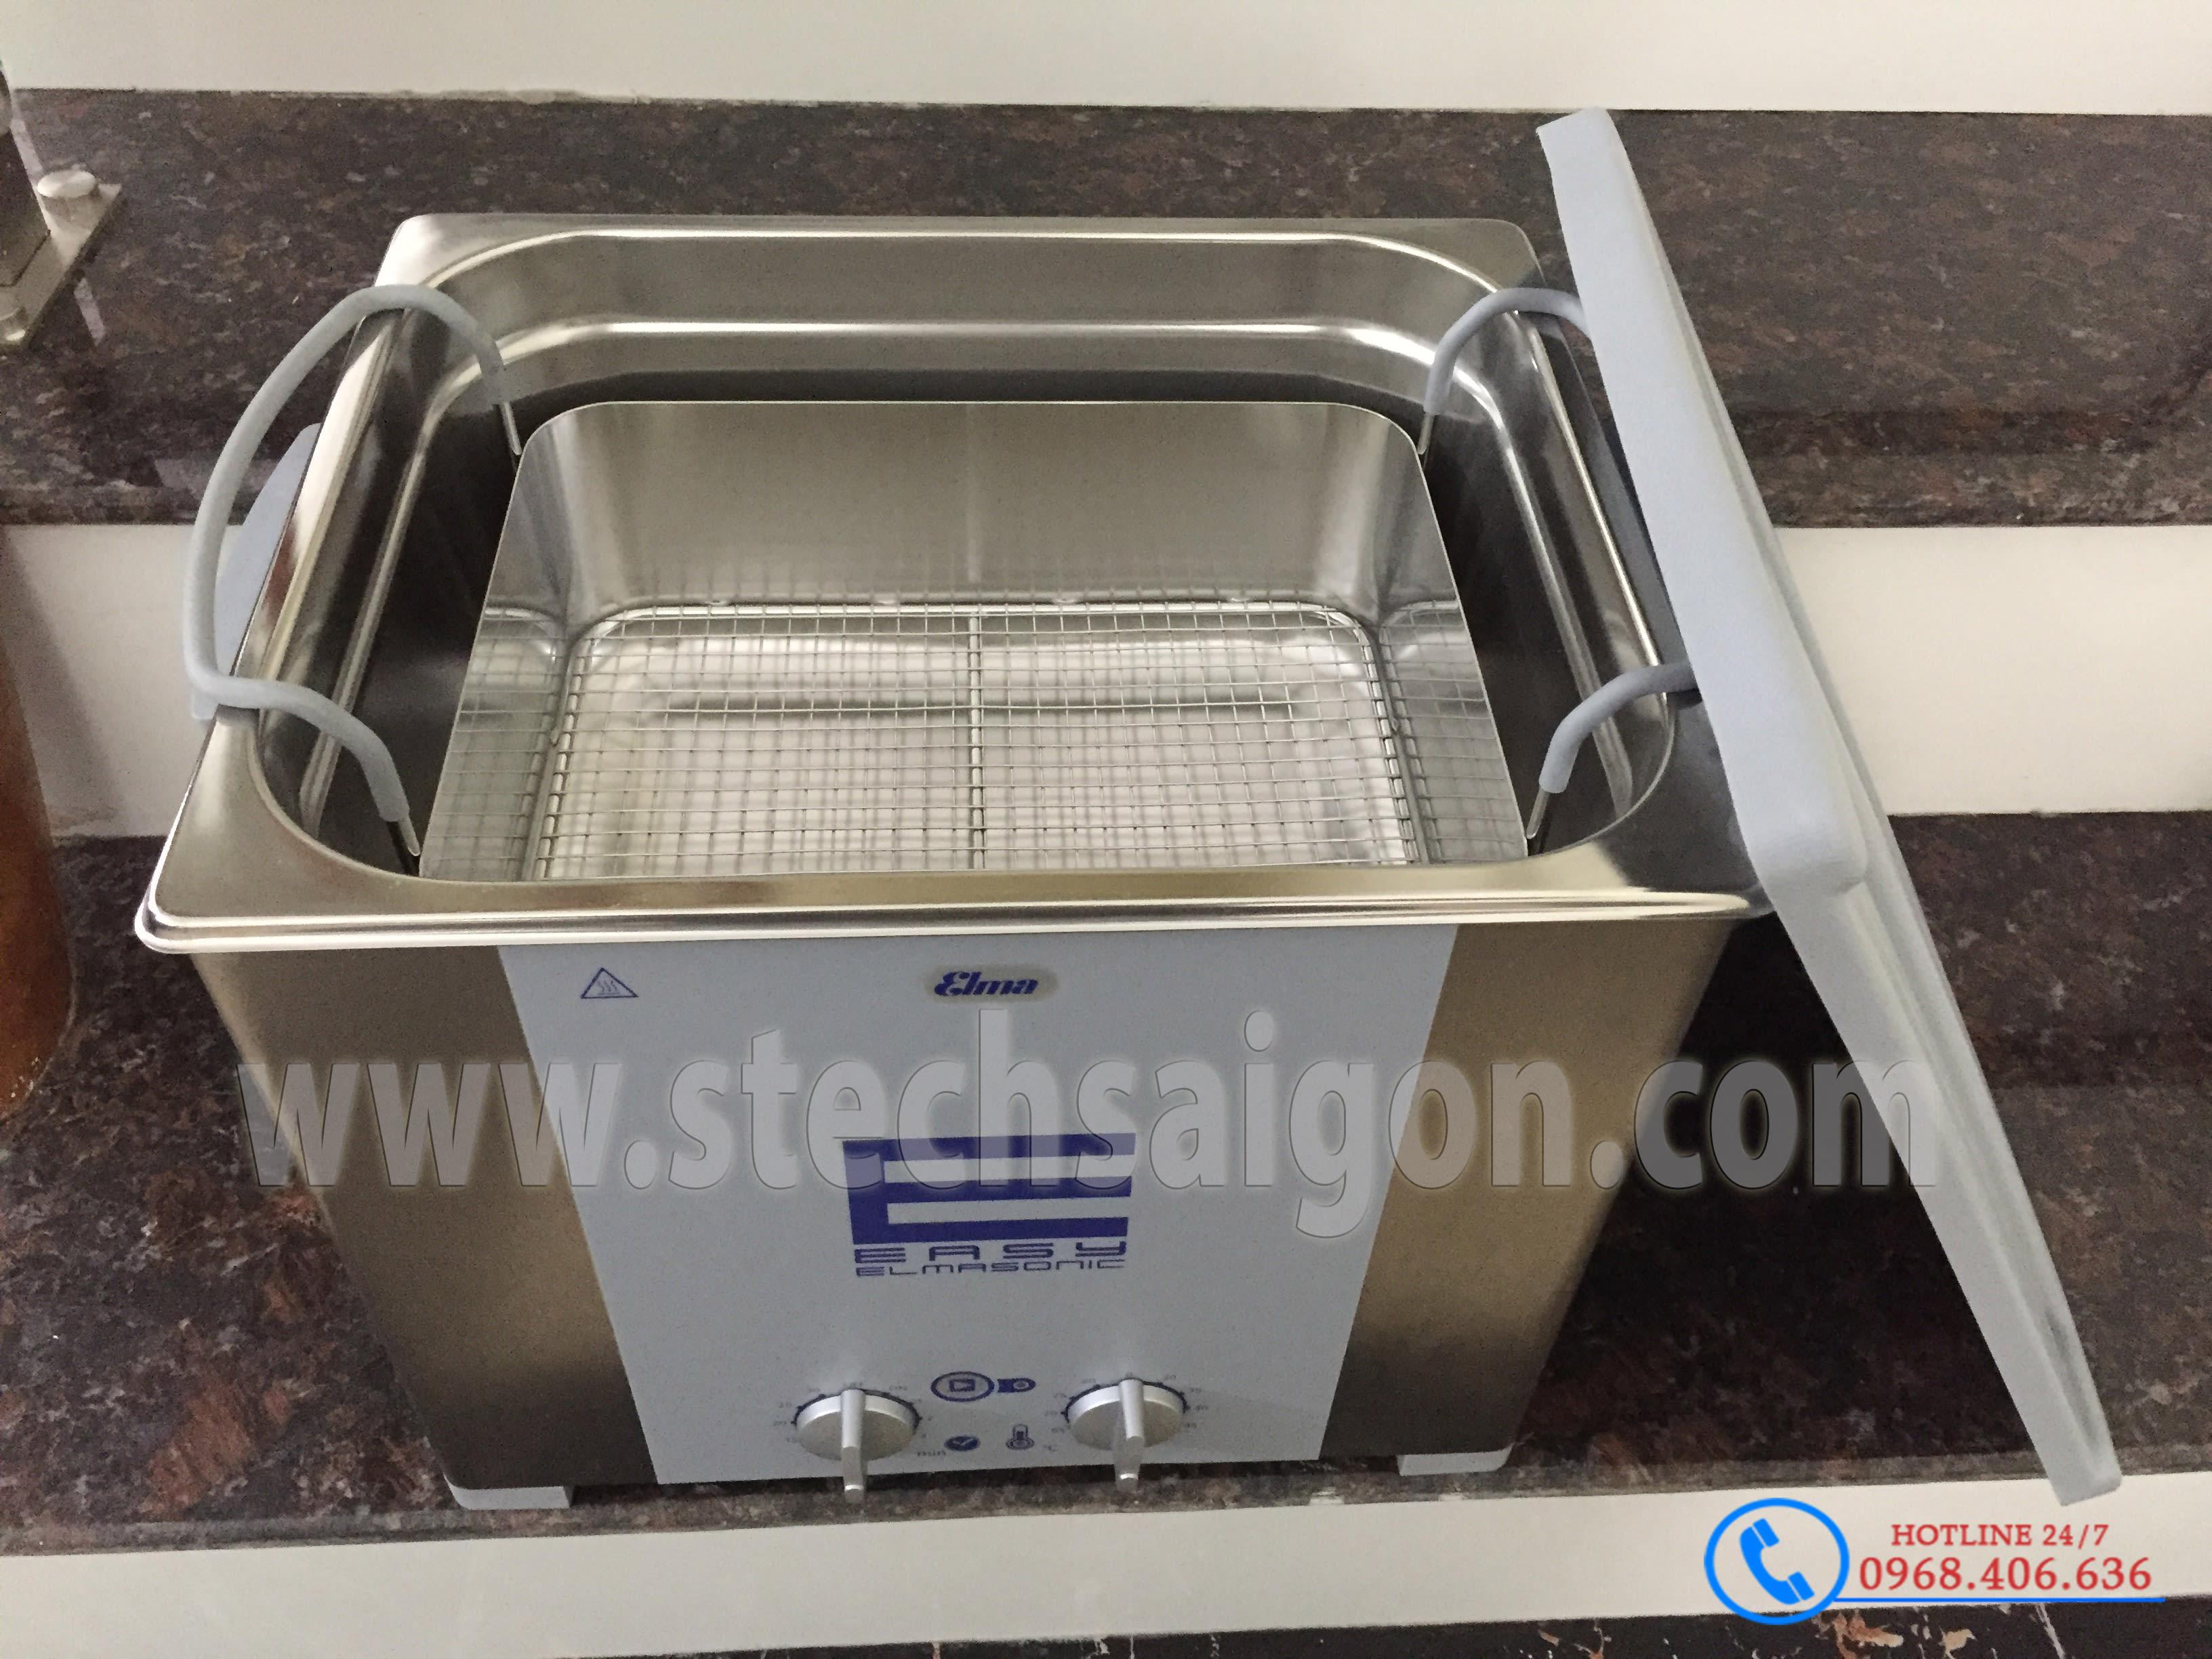 Hình ảnh Bể rửa siêu âm Elma™ Easy 300H - 28 lít cung cấp bởi Stech Sài Gòn. Sản phẩm có sẵn tại Hà Nội và Hồ Chí Minh